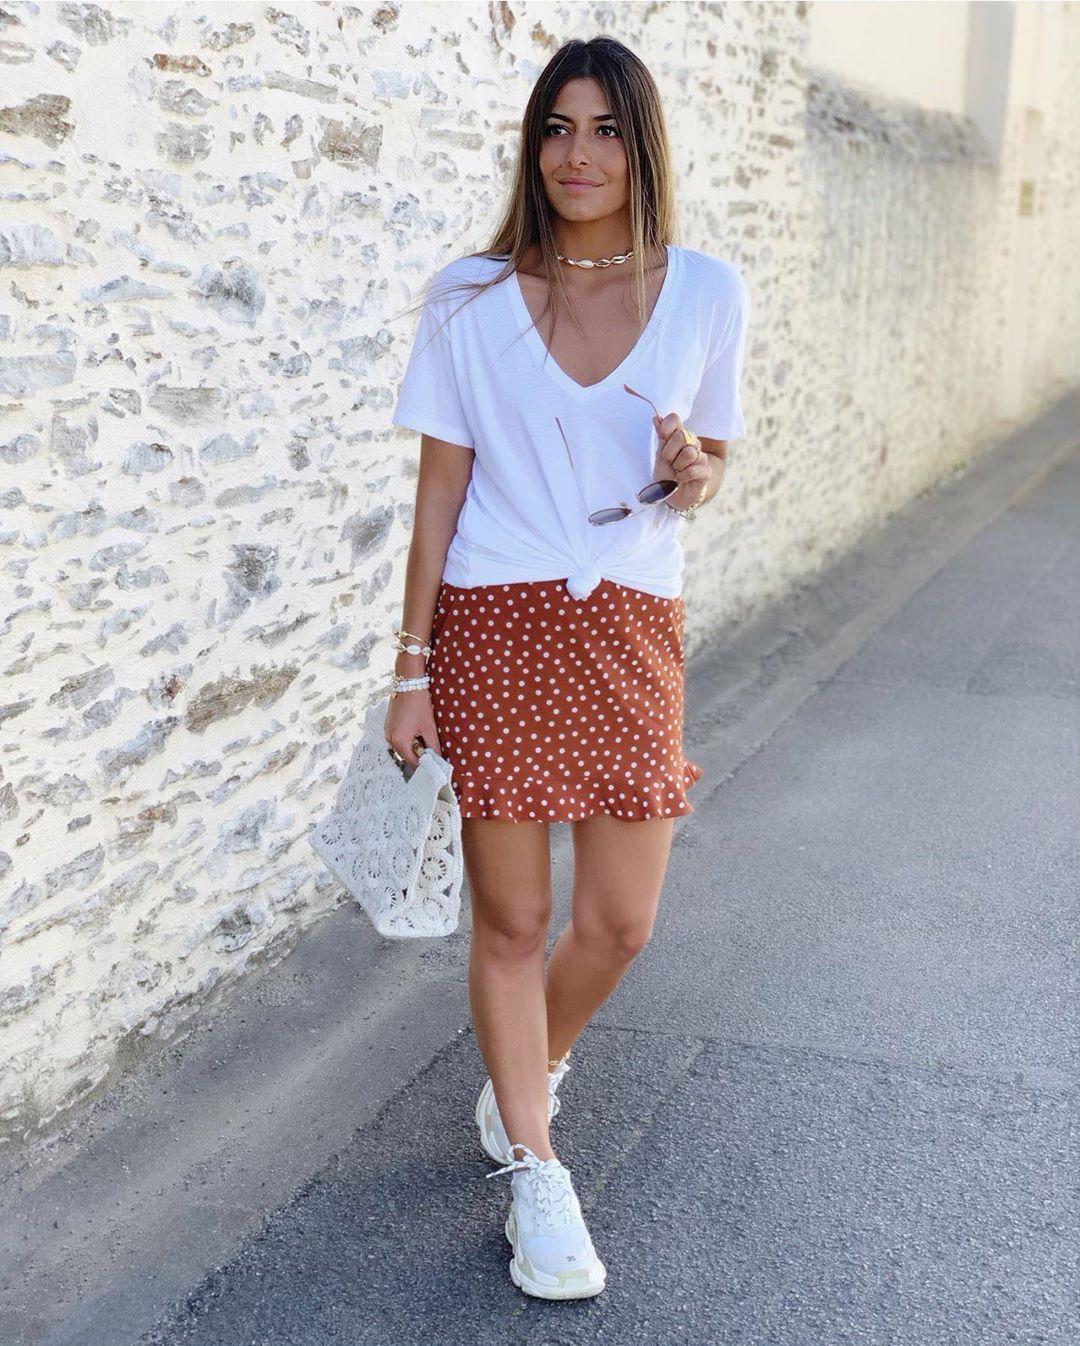 shopper bag with bamboo handles de Zara sur lindsay_lfb